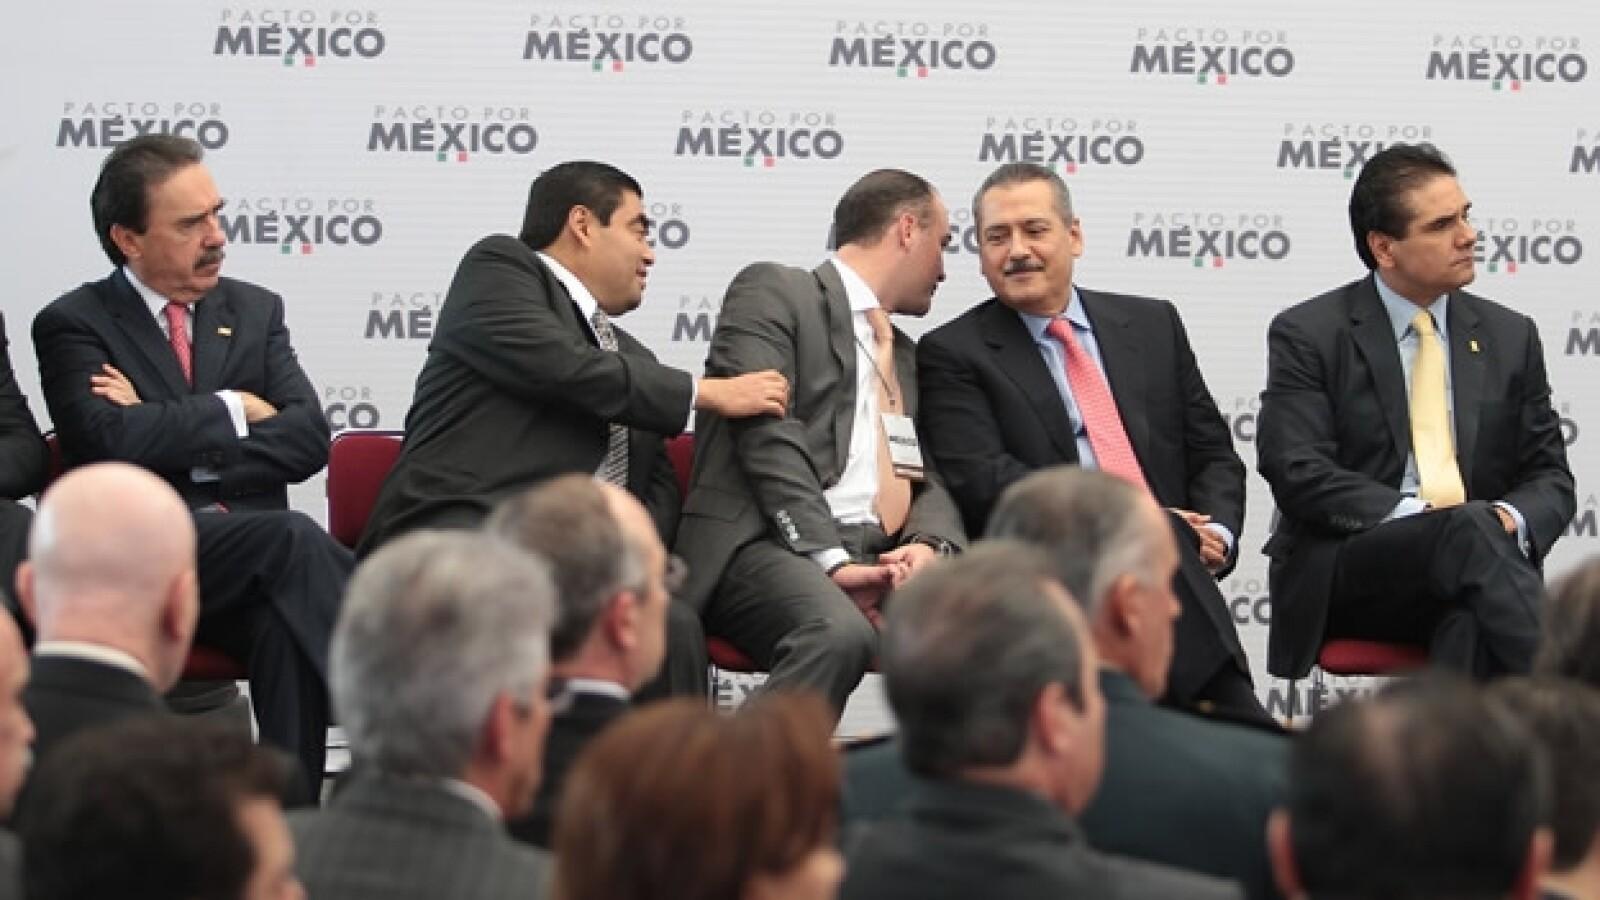 legisladores_pacto_mexico